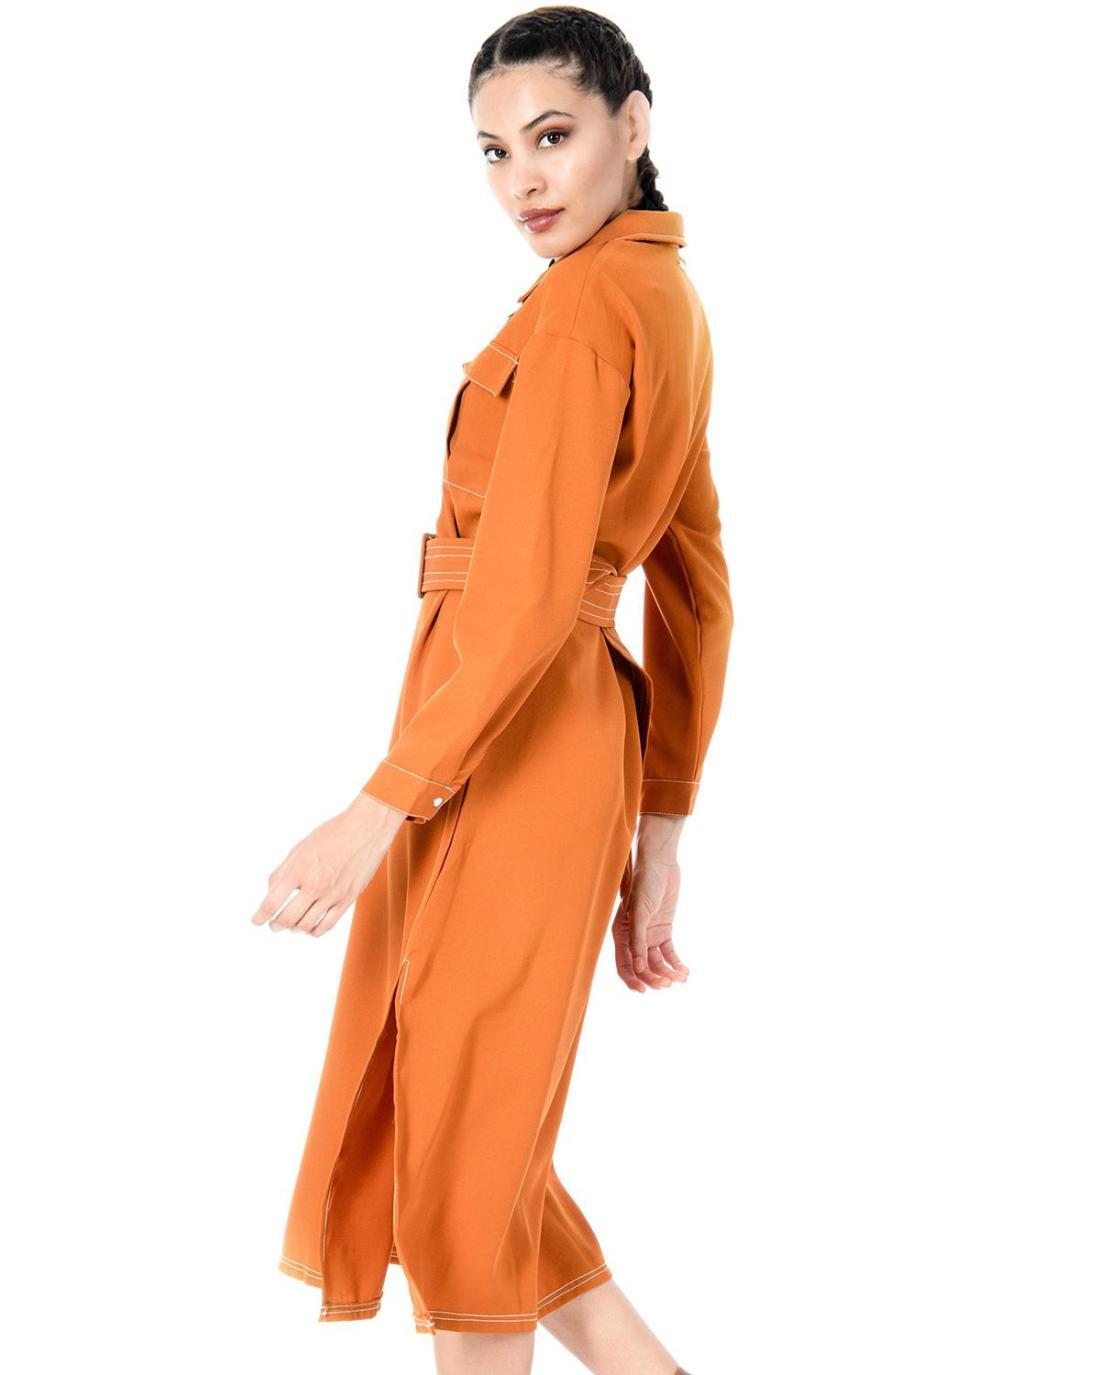 Φόρεμα κάμελ